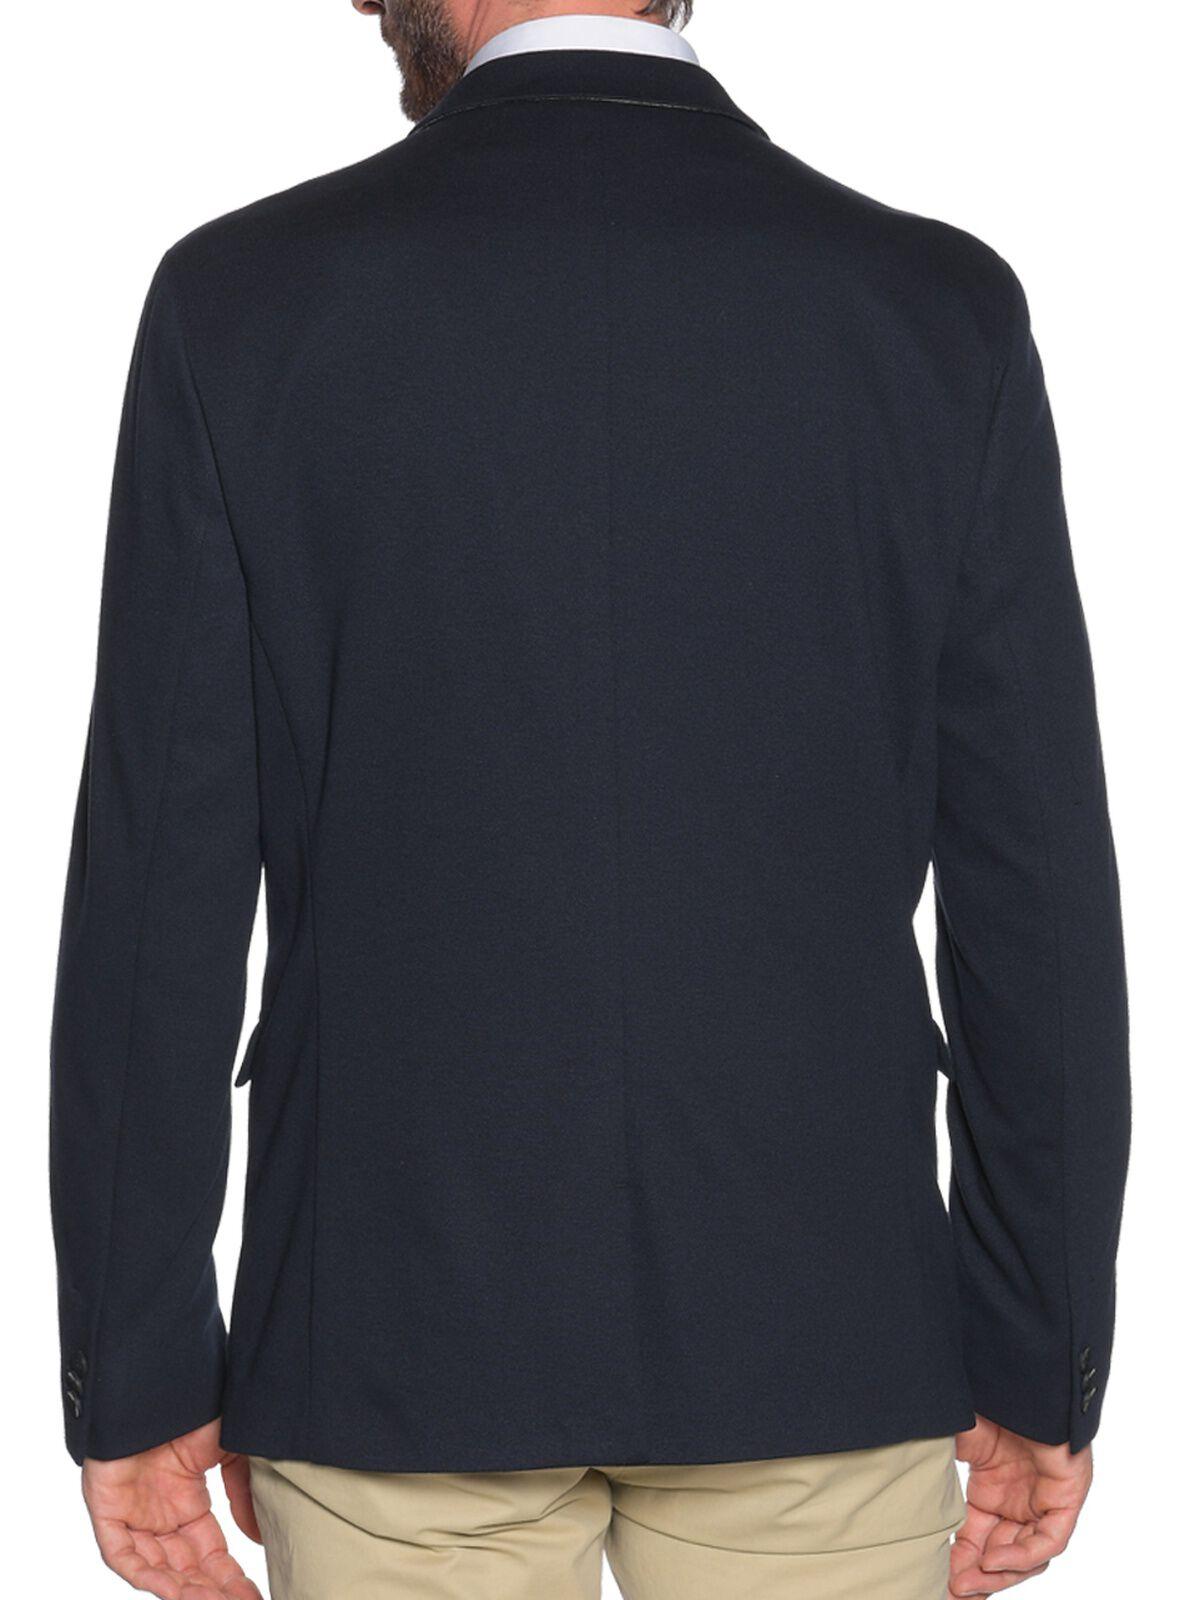 Colbert Custom fit